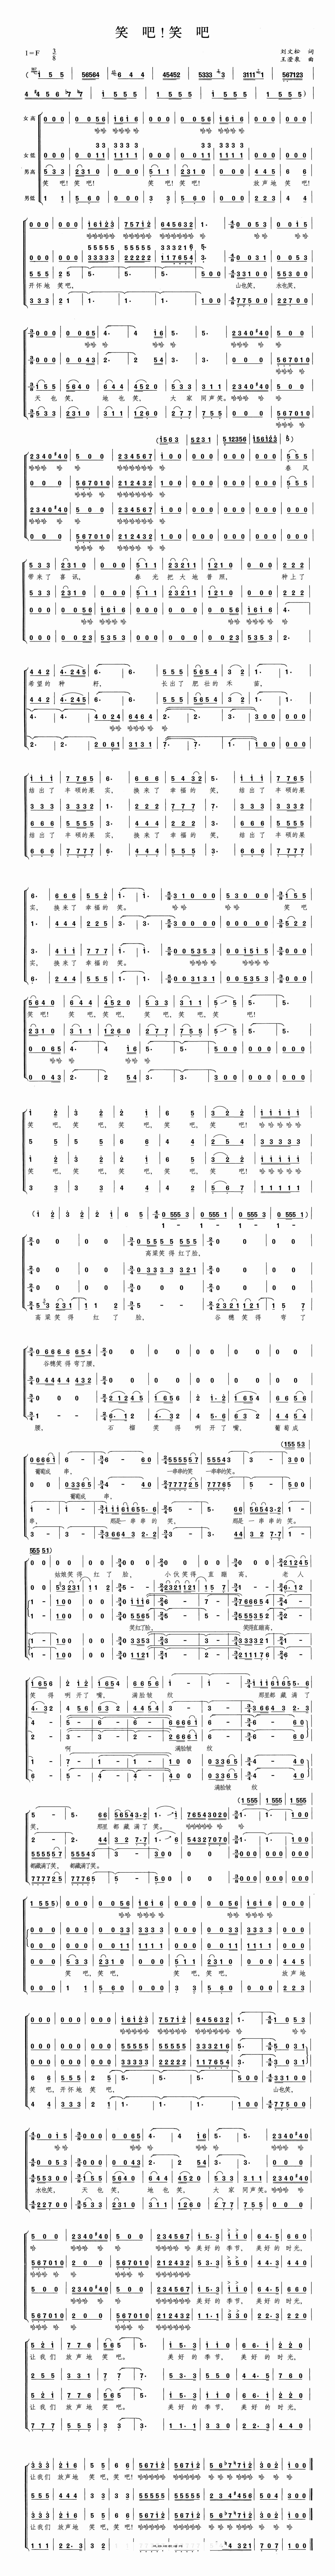 笑吧 笑吧(中国)高清打印歌谱简谱